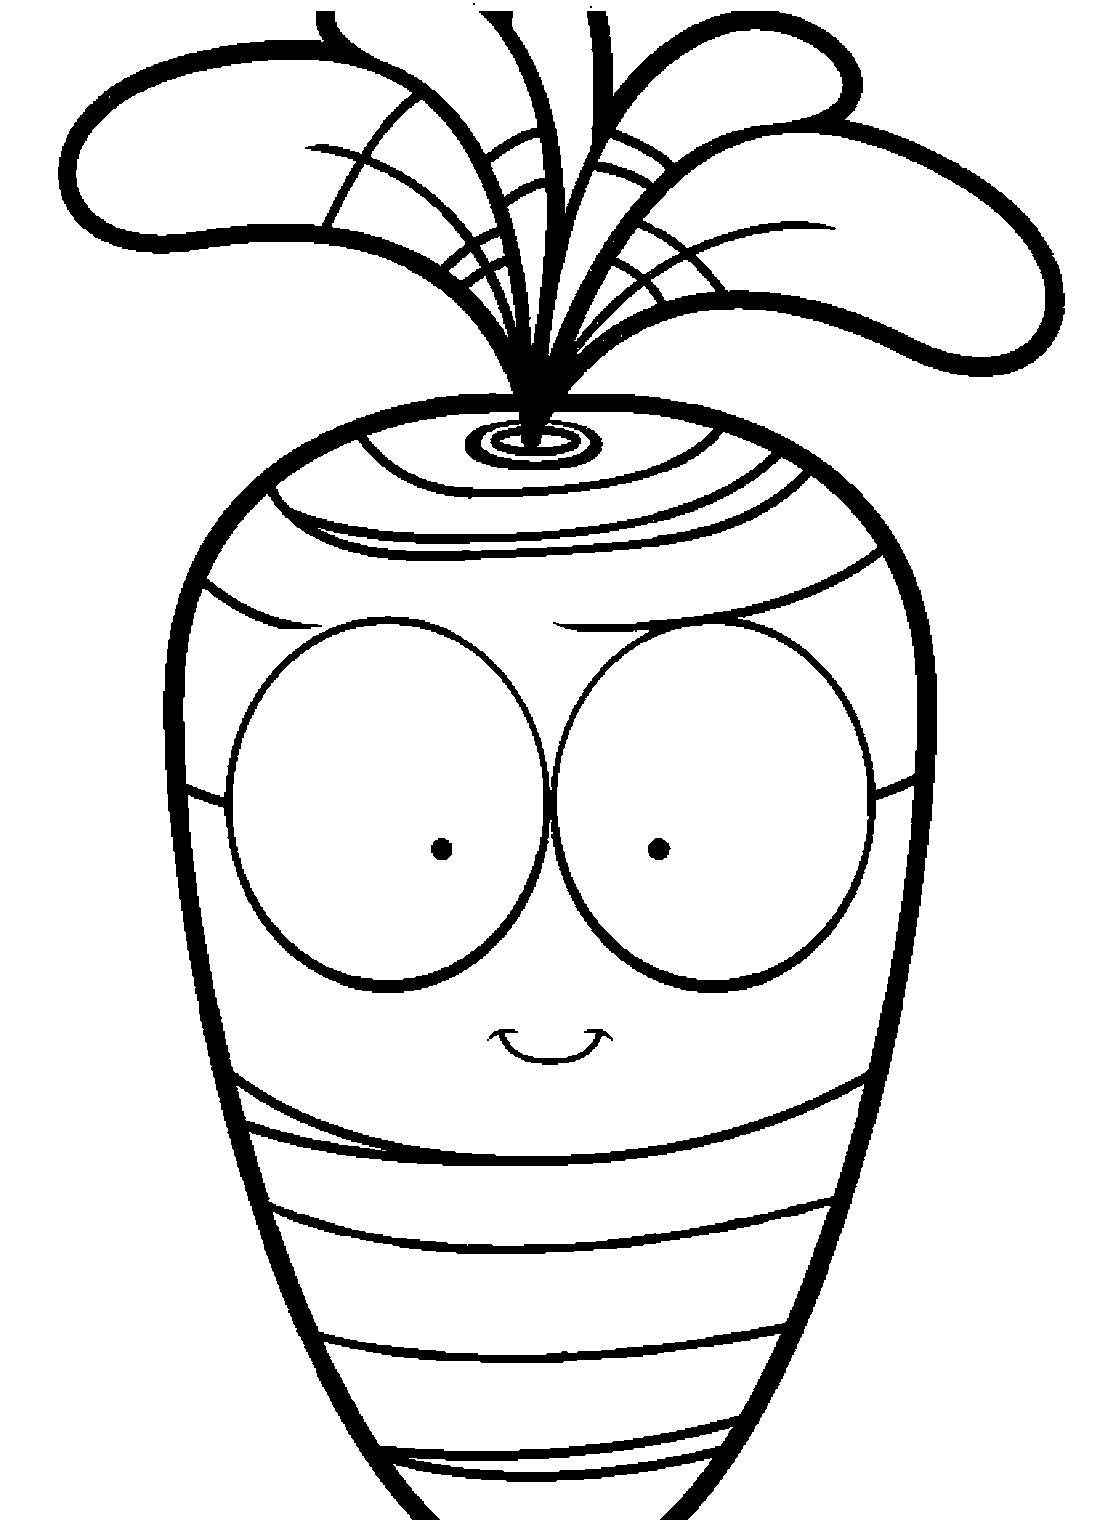 Морковь с большими глазами - раскраска №10521 | Printonic.ru